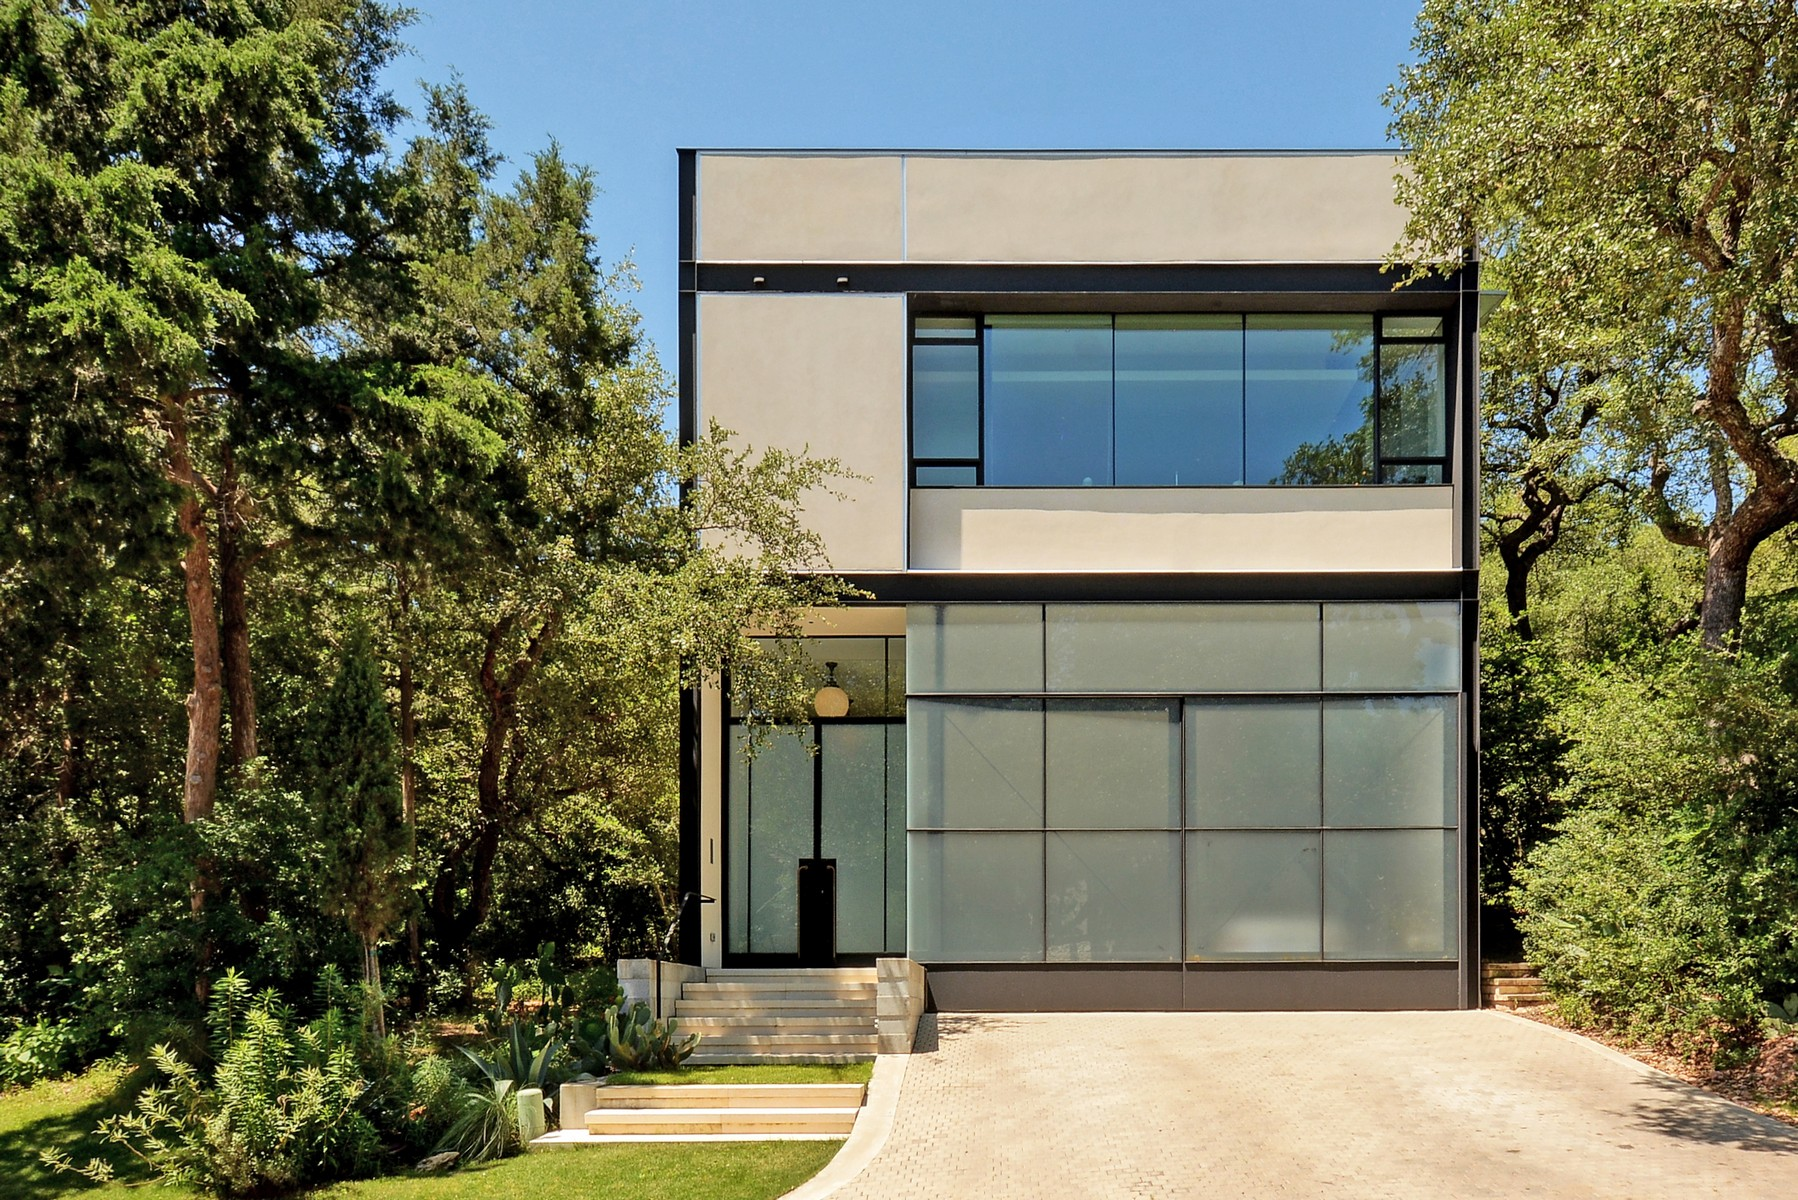 獨棟家庭住宅 為 出售 在 Unique Modern Home Built by NYC Architect 2008 Rue De St Tropez Austin, 德克薩斯州, 78746 美國